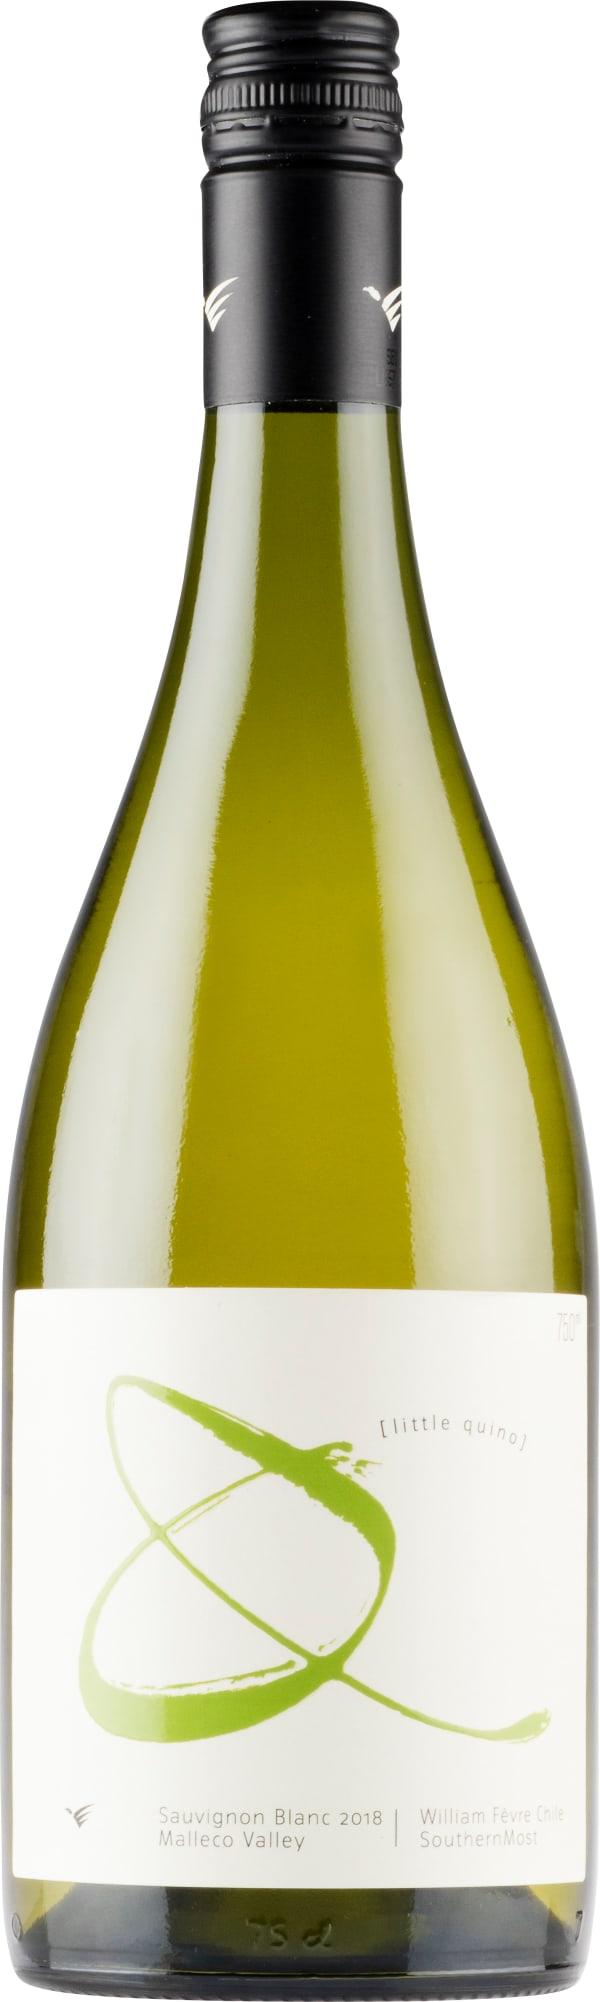 Little Quino Sauvignon Blanc 2018